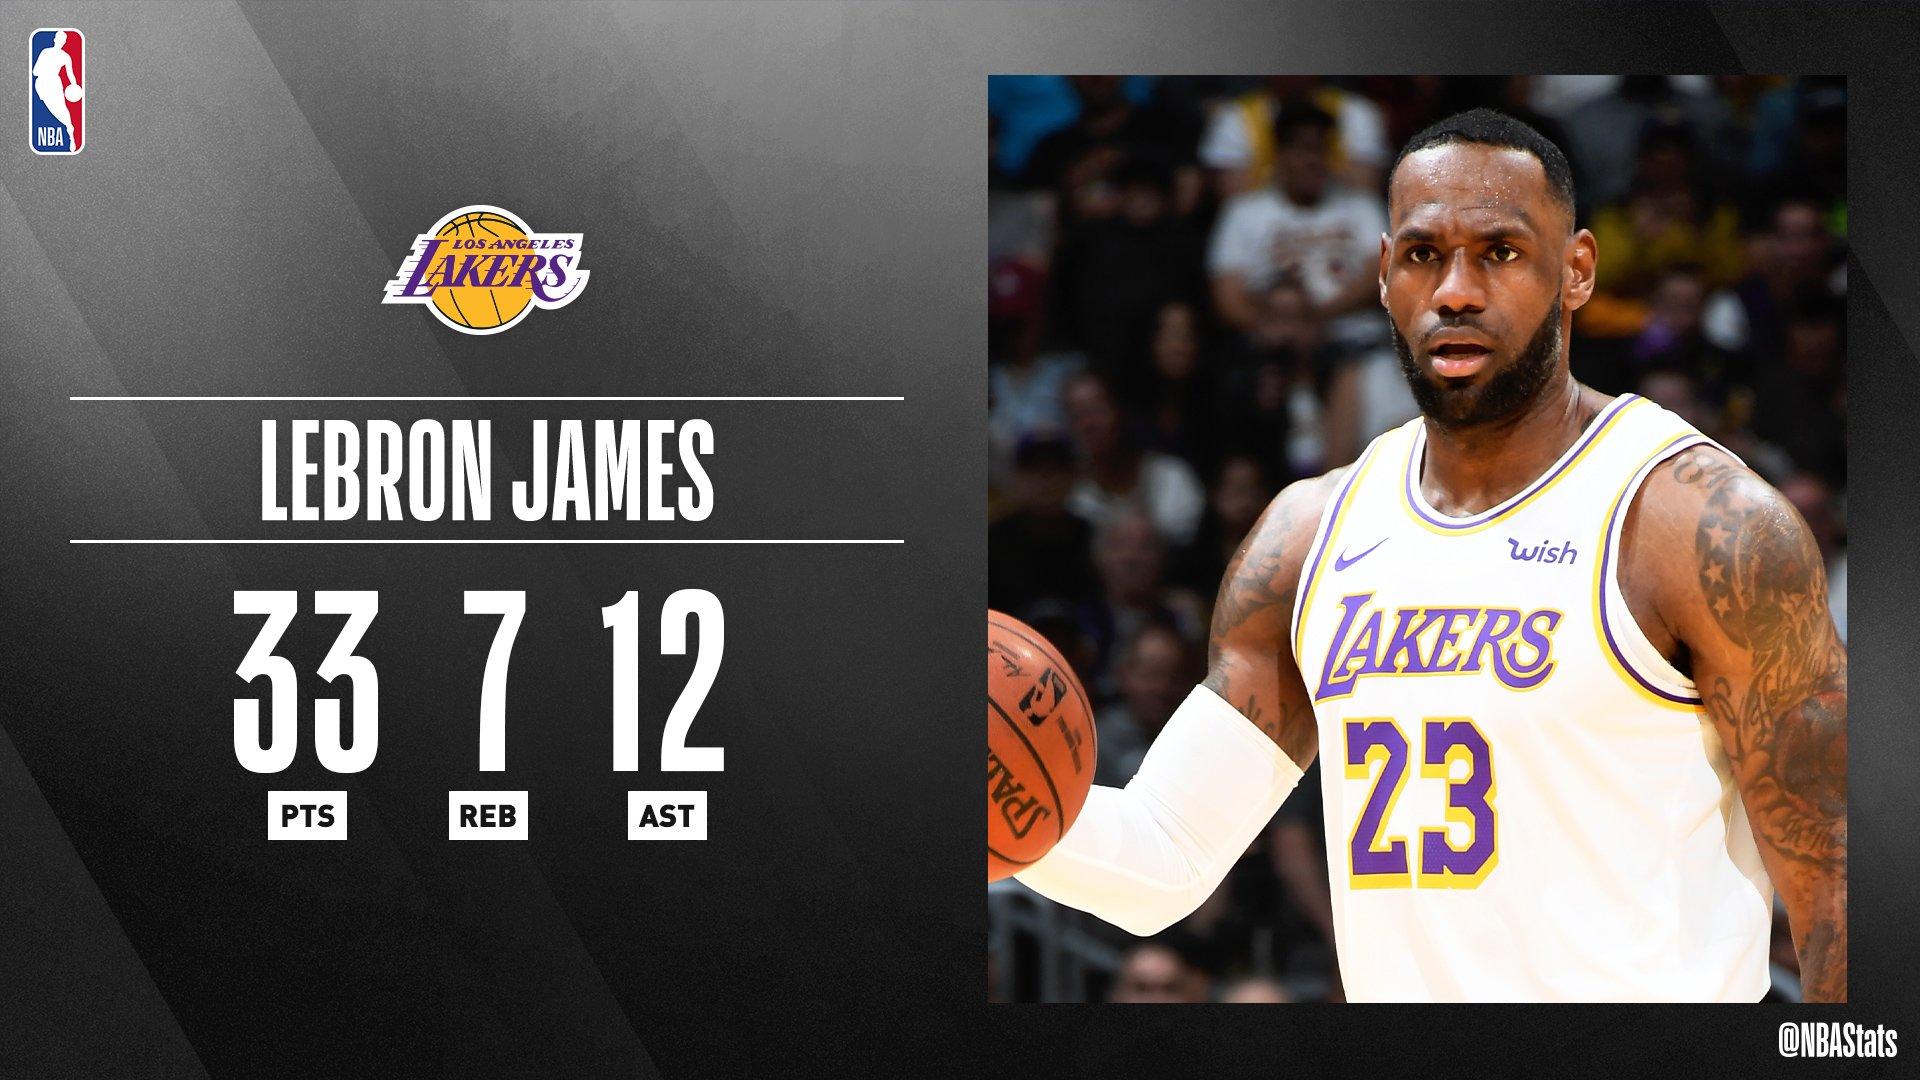 NBA官方评选今日最佳数据:詹姆斯33分7板12助攻当选